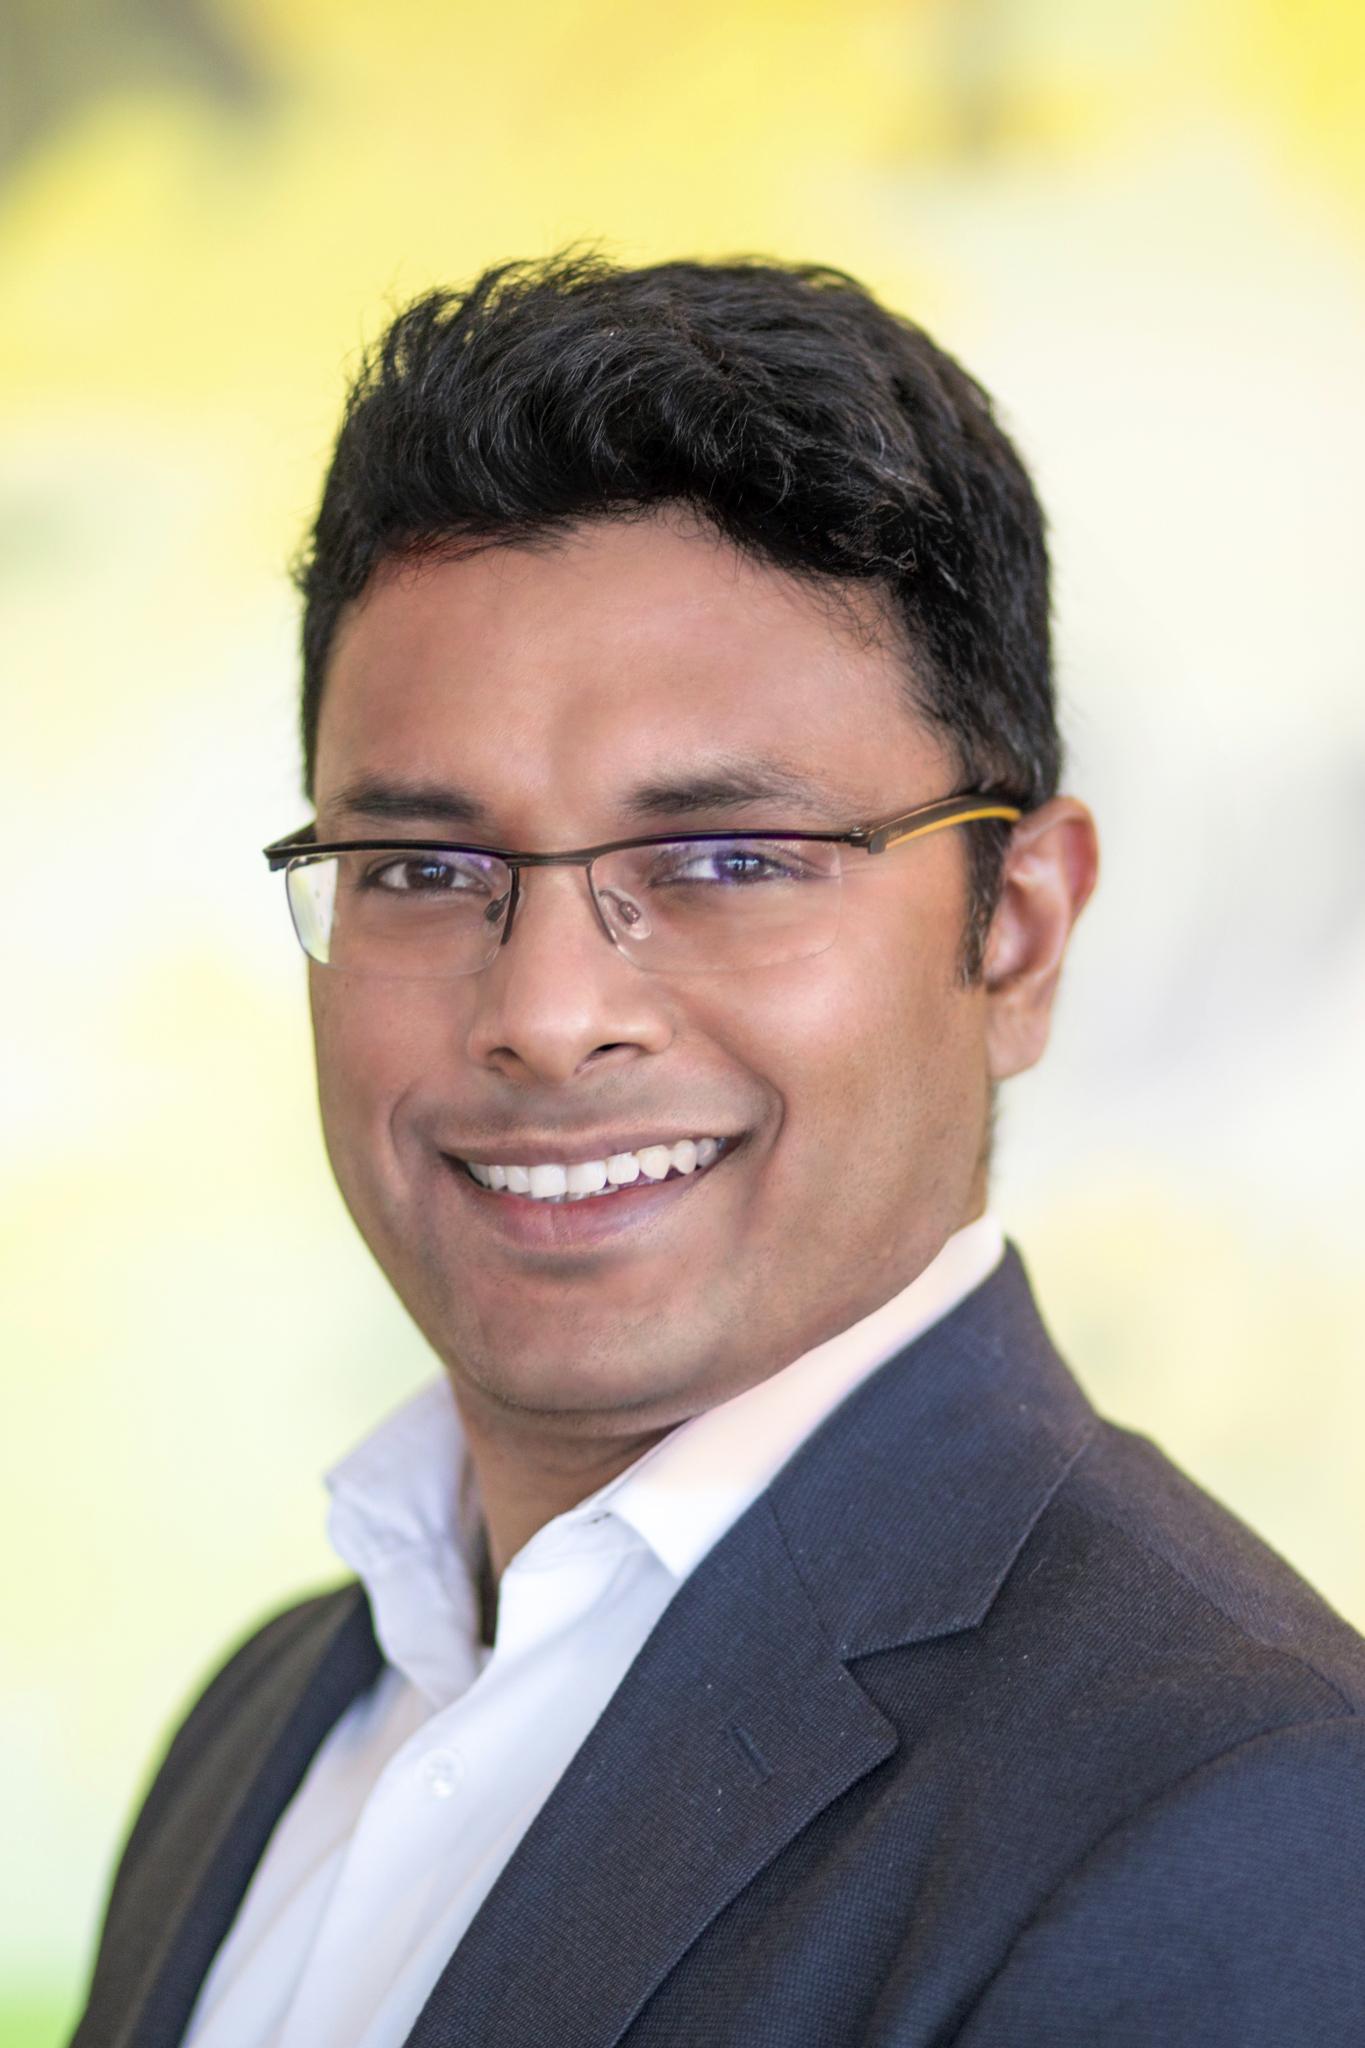 Jaijeet Choudhary